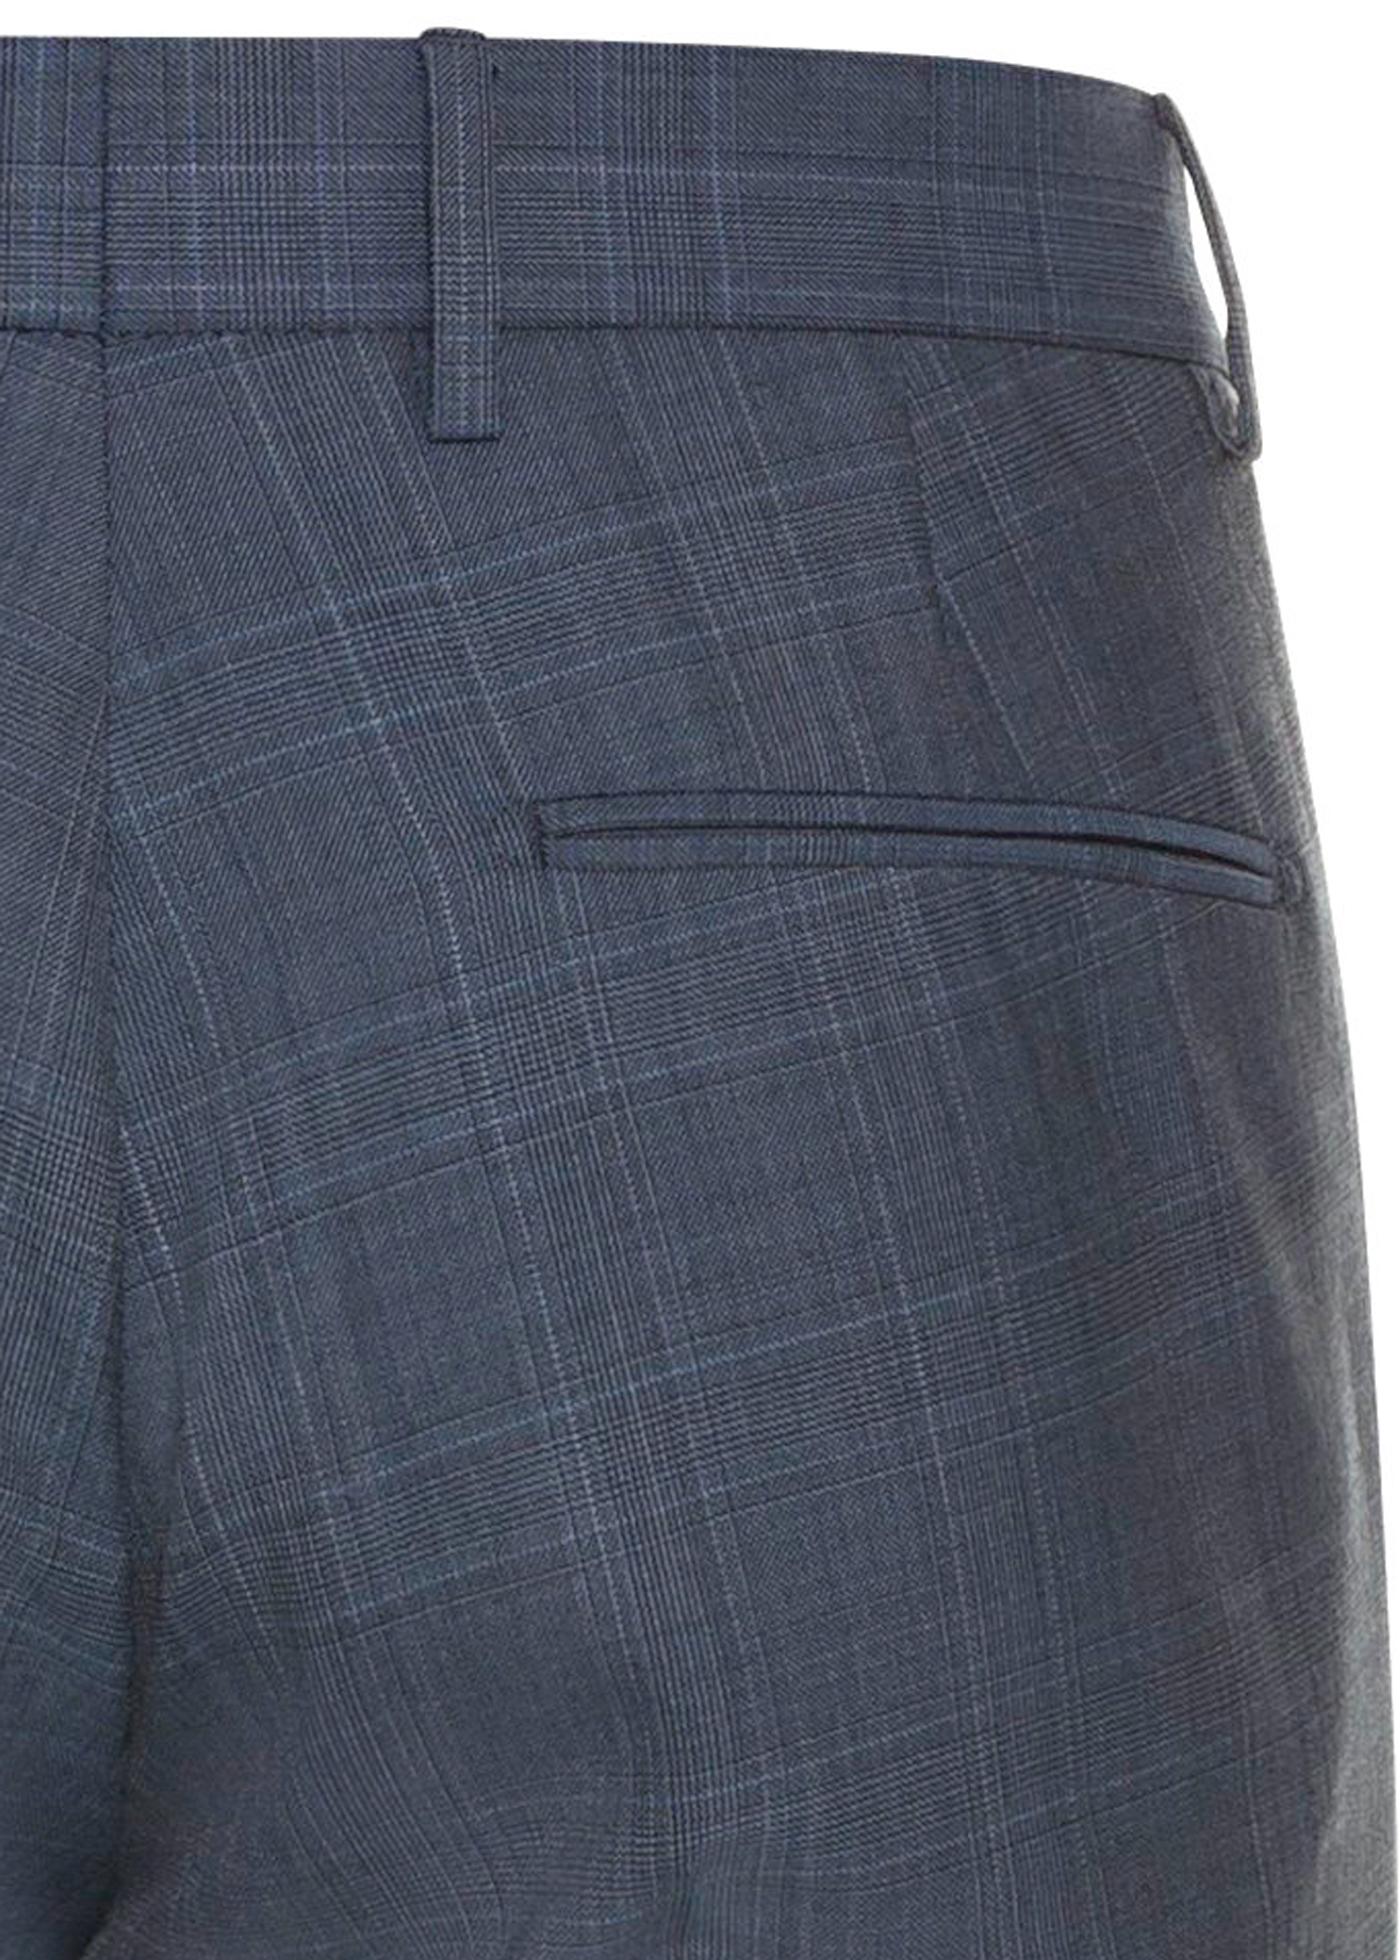 TORD. Pants male 2AF 54 image number 3